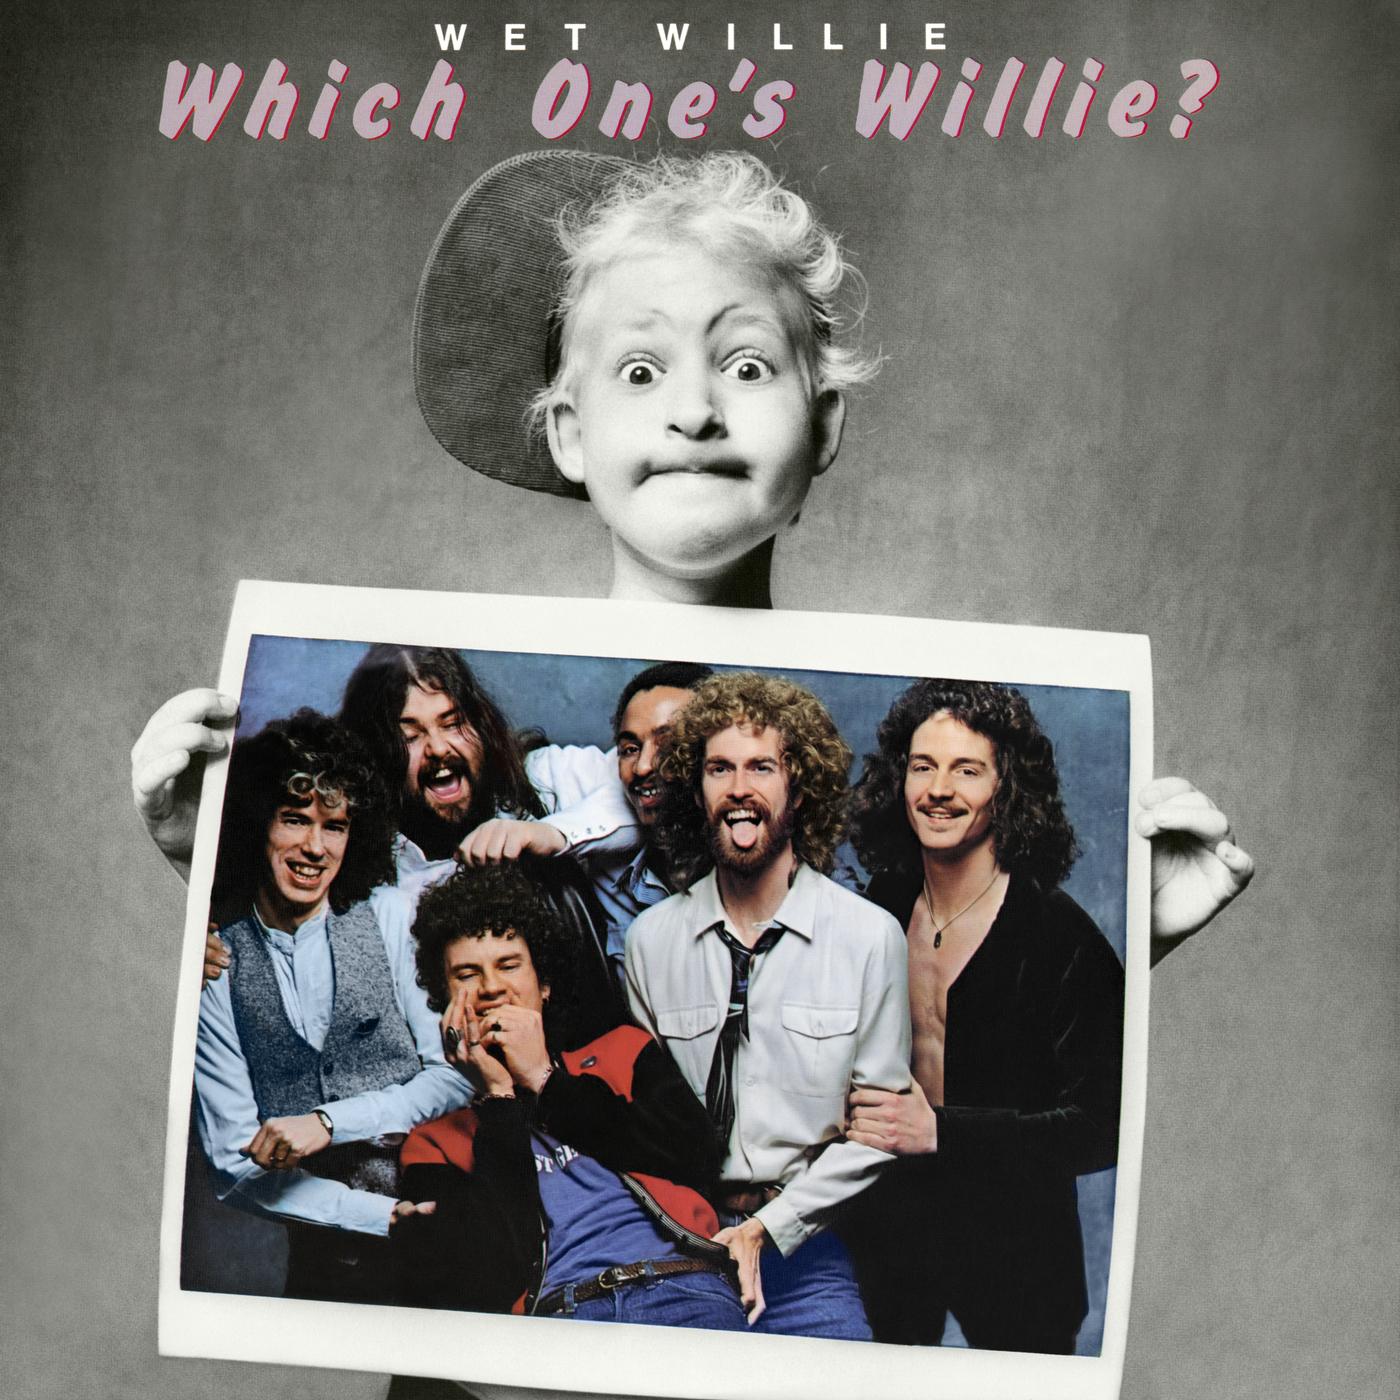 Which One's Willie? - Wet Willie